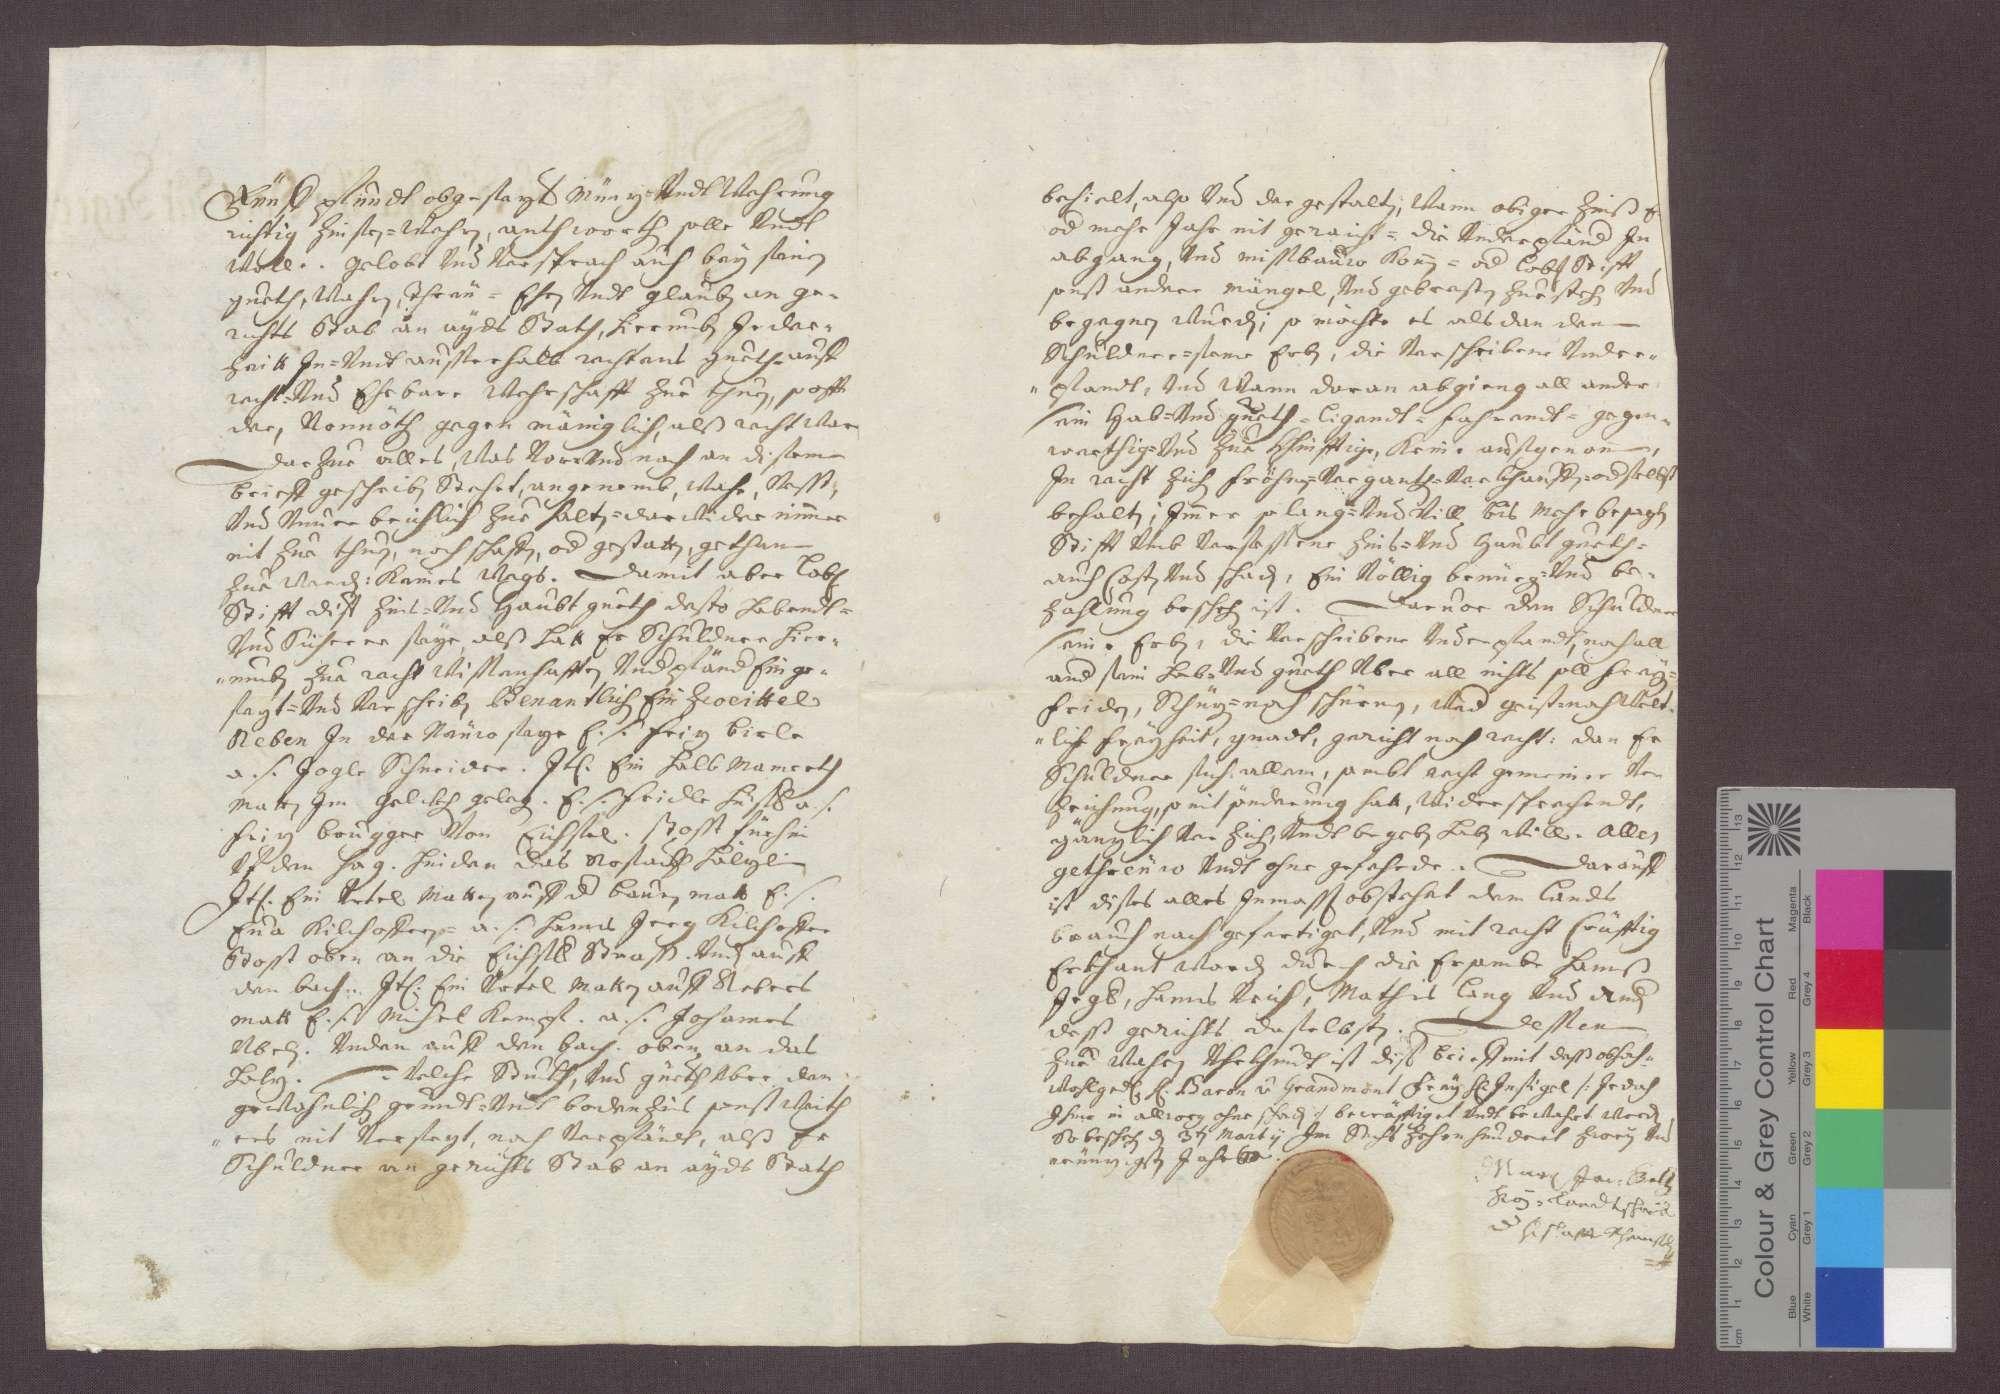 Michael Fuchs, Bürger und Maurer zu Degenfelden, verschreibt sich gegenüber dem St. Martins-Stift zu Rheinfelden wegen 100 Gulden., Bild 2